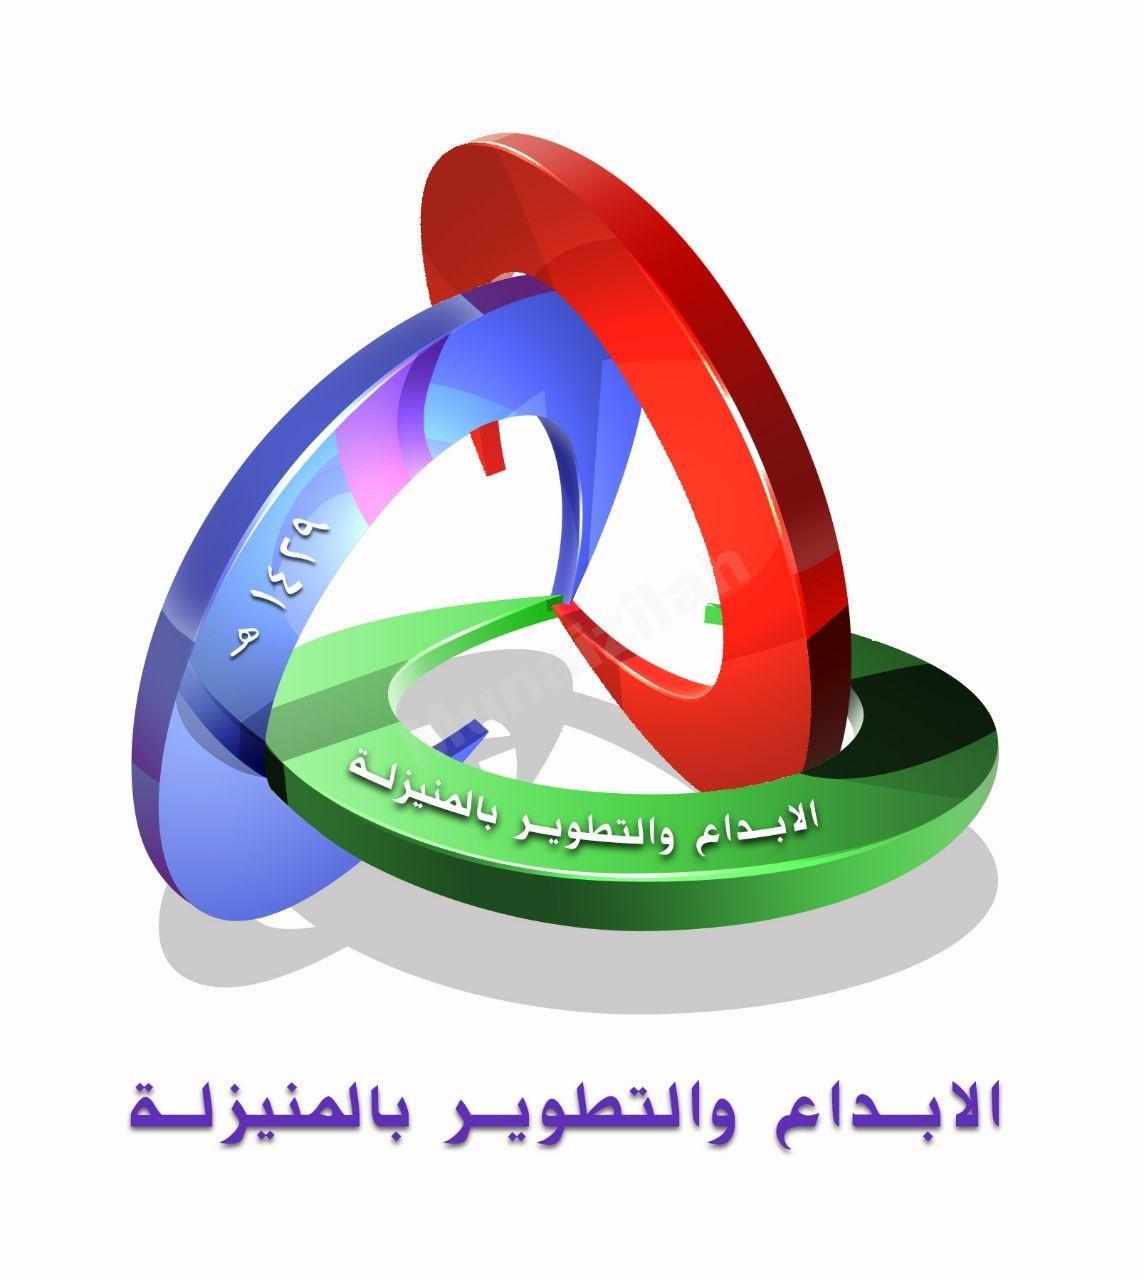 لجنة الإبداع تقيم دورتين للشباب والفتيات